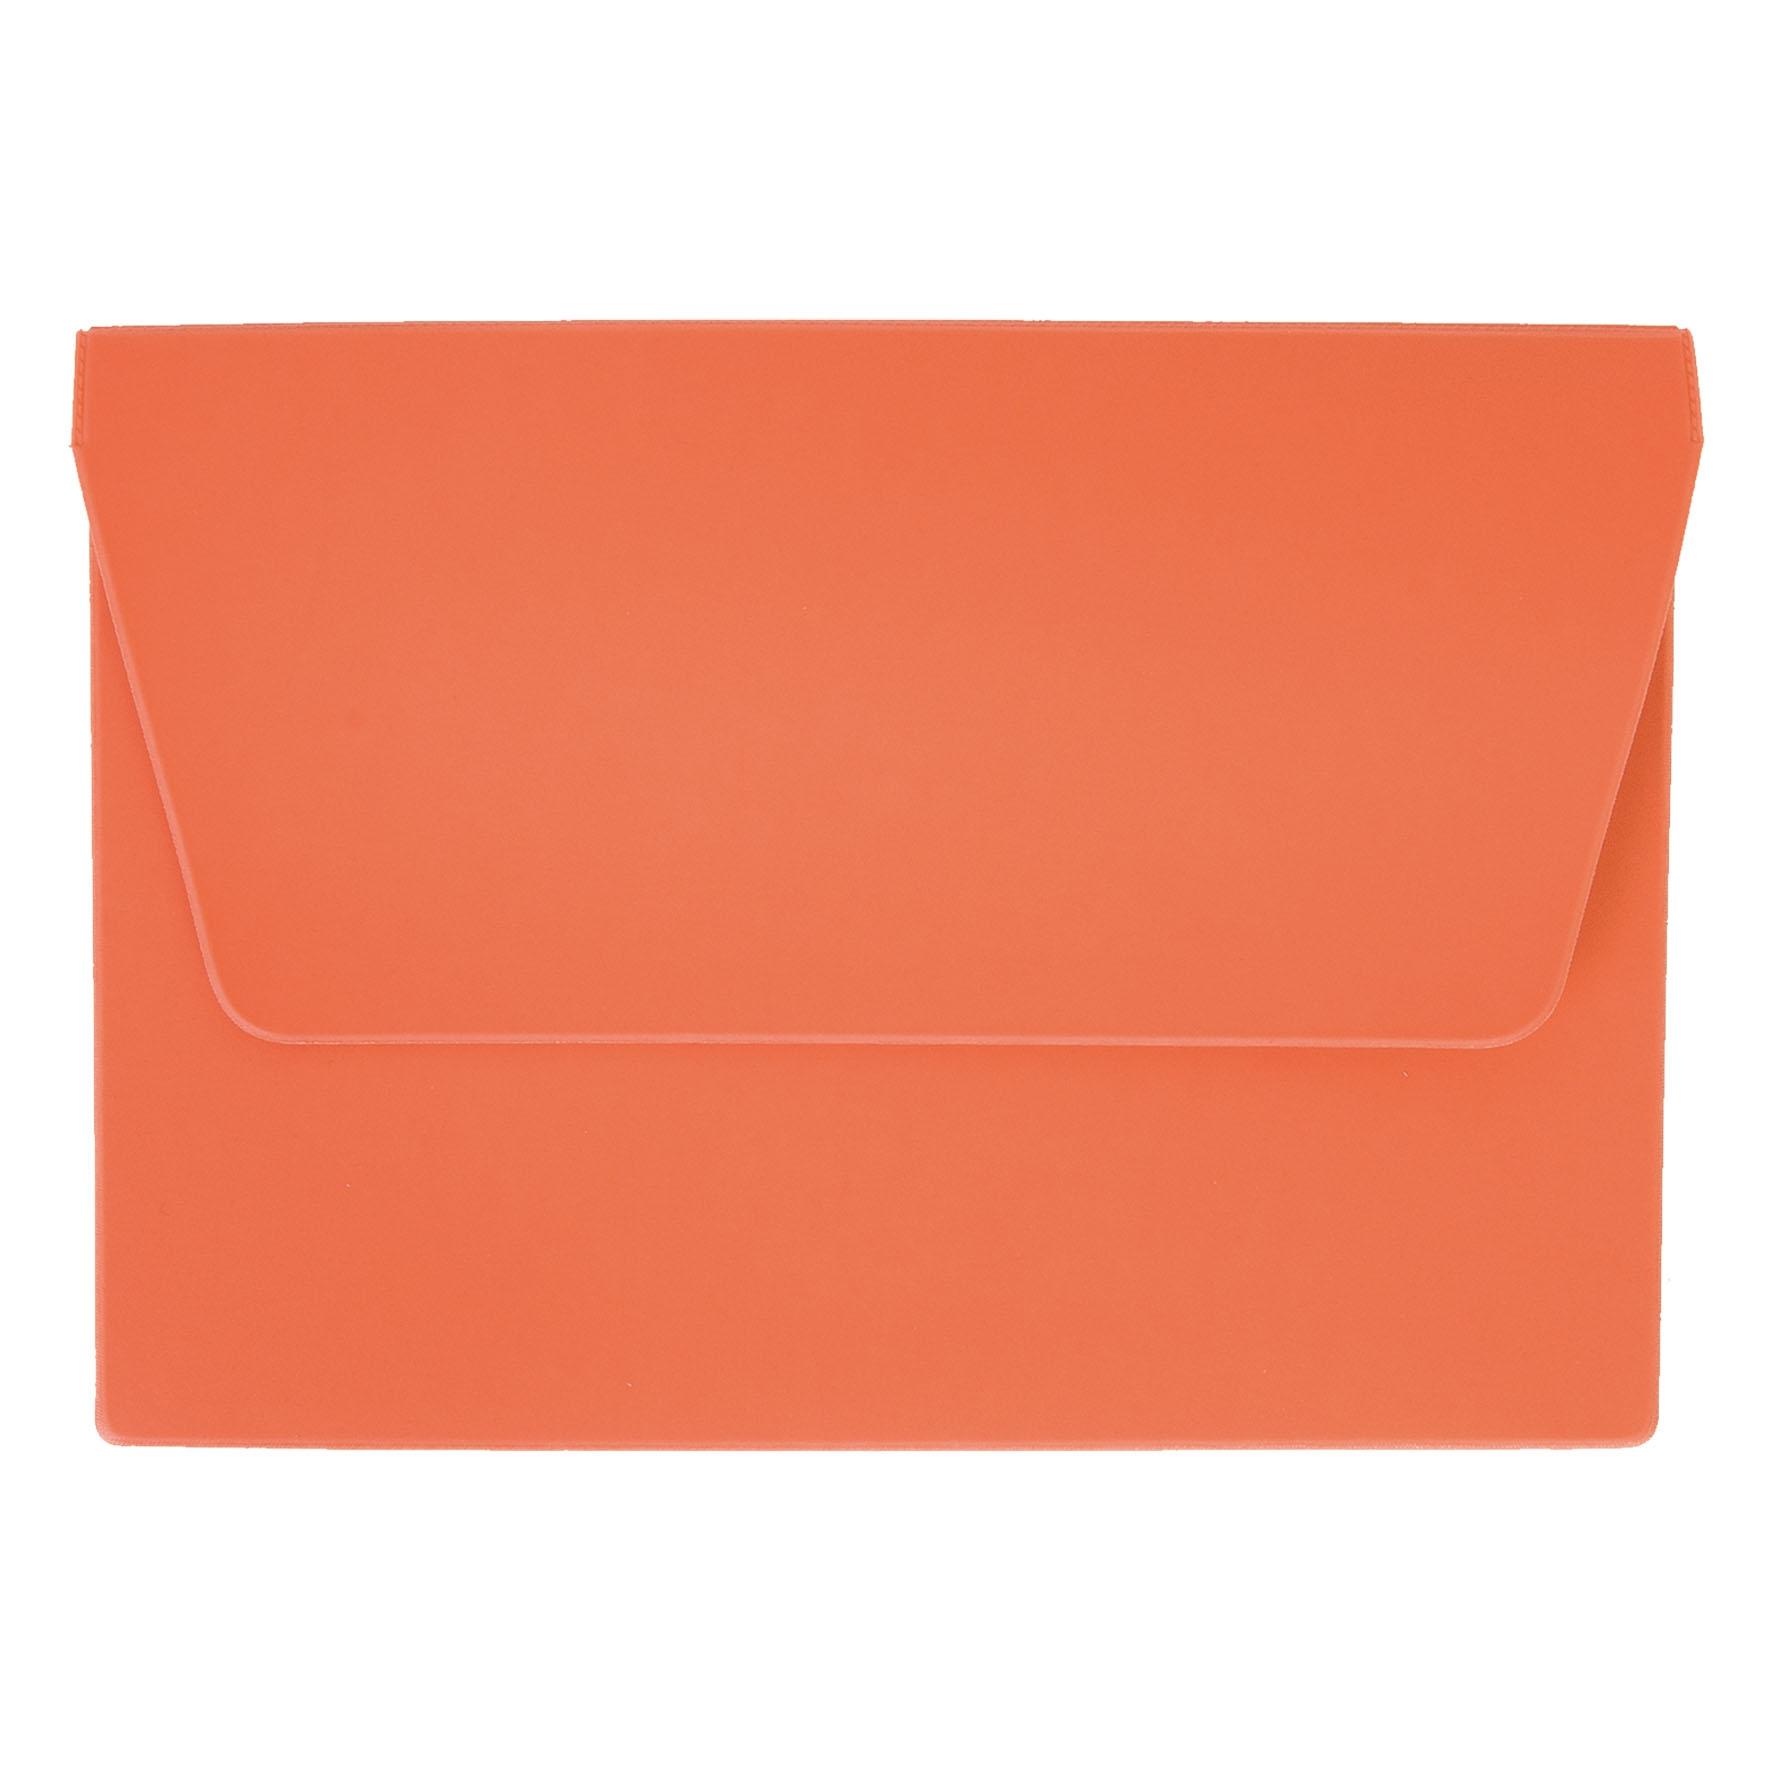 Cadeau publicitaire - Pochette de voyage publicitaire 1 poche A5 - orange